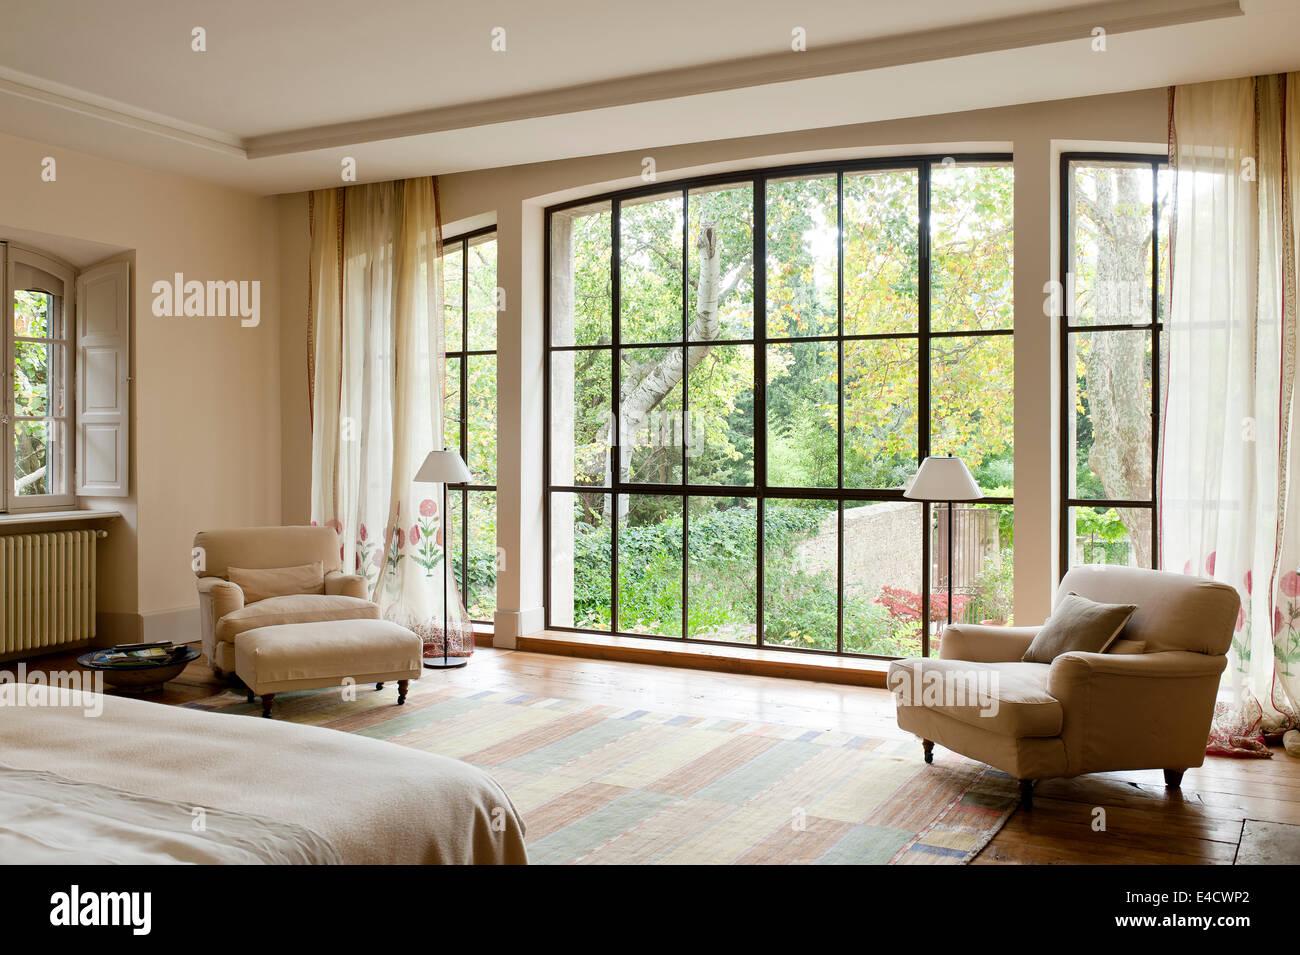 Großes Fenster mit Blick auf den Garten im Schlafzimmer mit ...